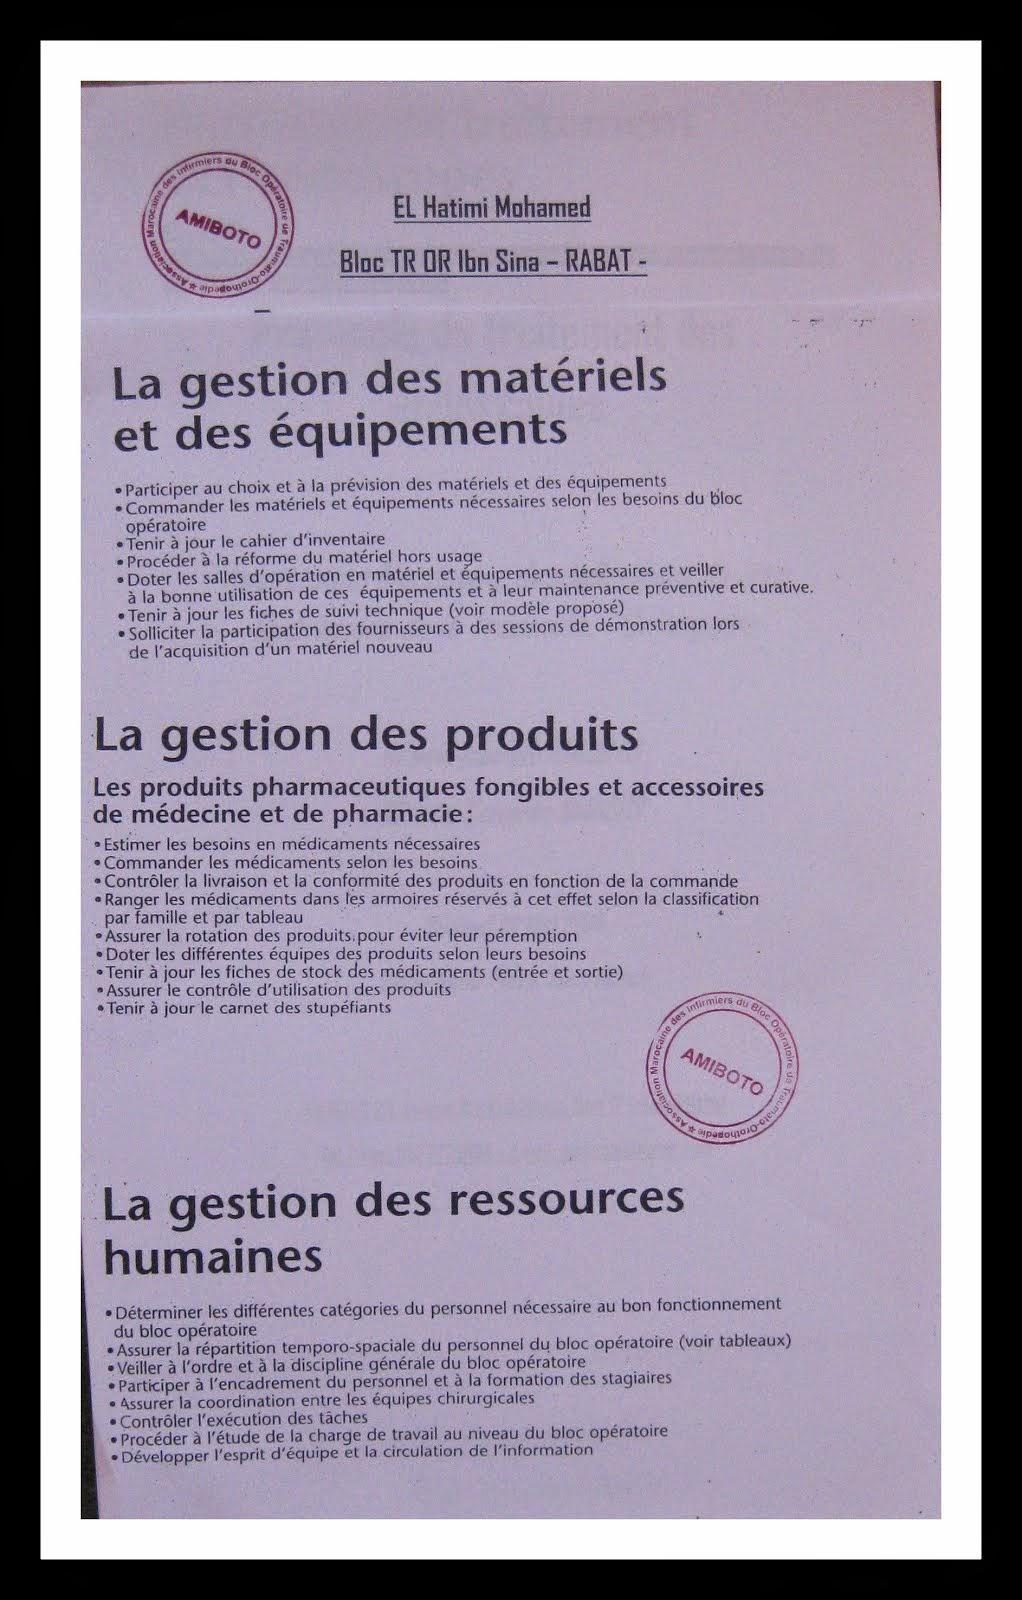 LA GESTION DES MATERIELS ET DES EQUIPEMENTS . DES PRODUITS ET DES RESSOURCES HUMAINES